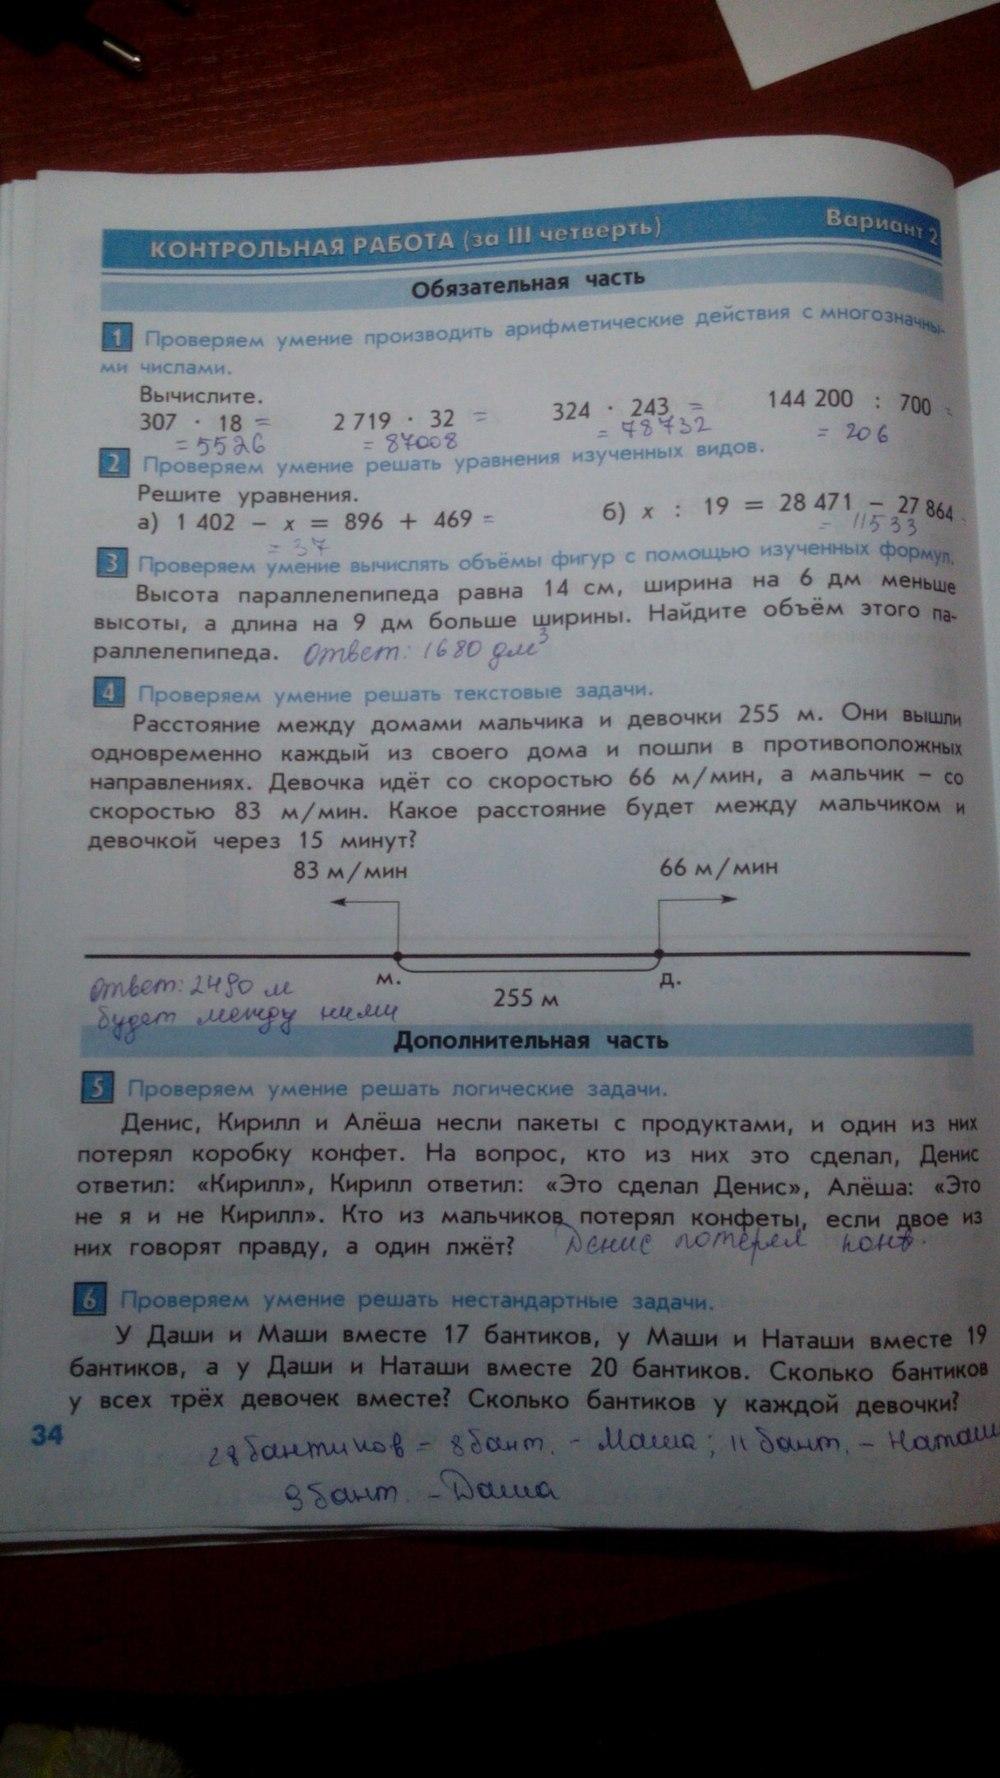 ГДЗ по информатике класс Козлова Рубин тесты и контрольные  2 3 4 5 6 7 8 9 10 11 12 13 14 15 16 17 18 19 20 21 22 23 24 25 26 27 28 29 30 31 32 33